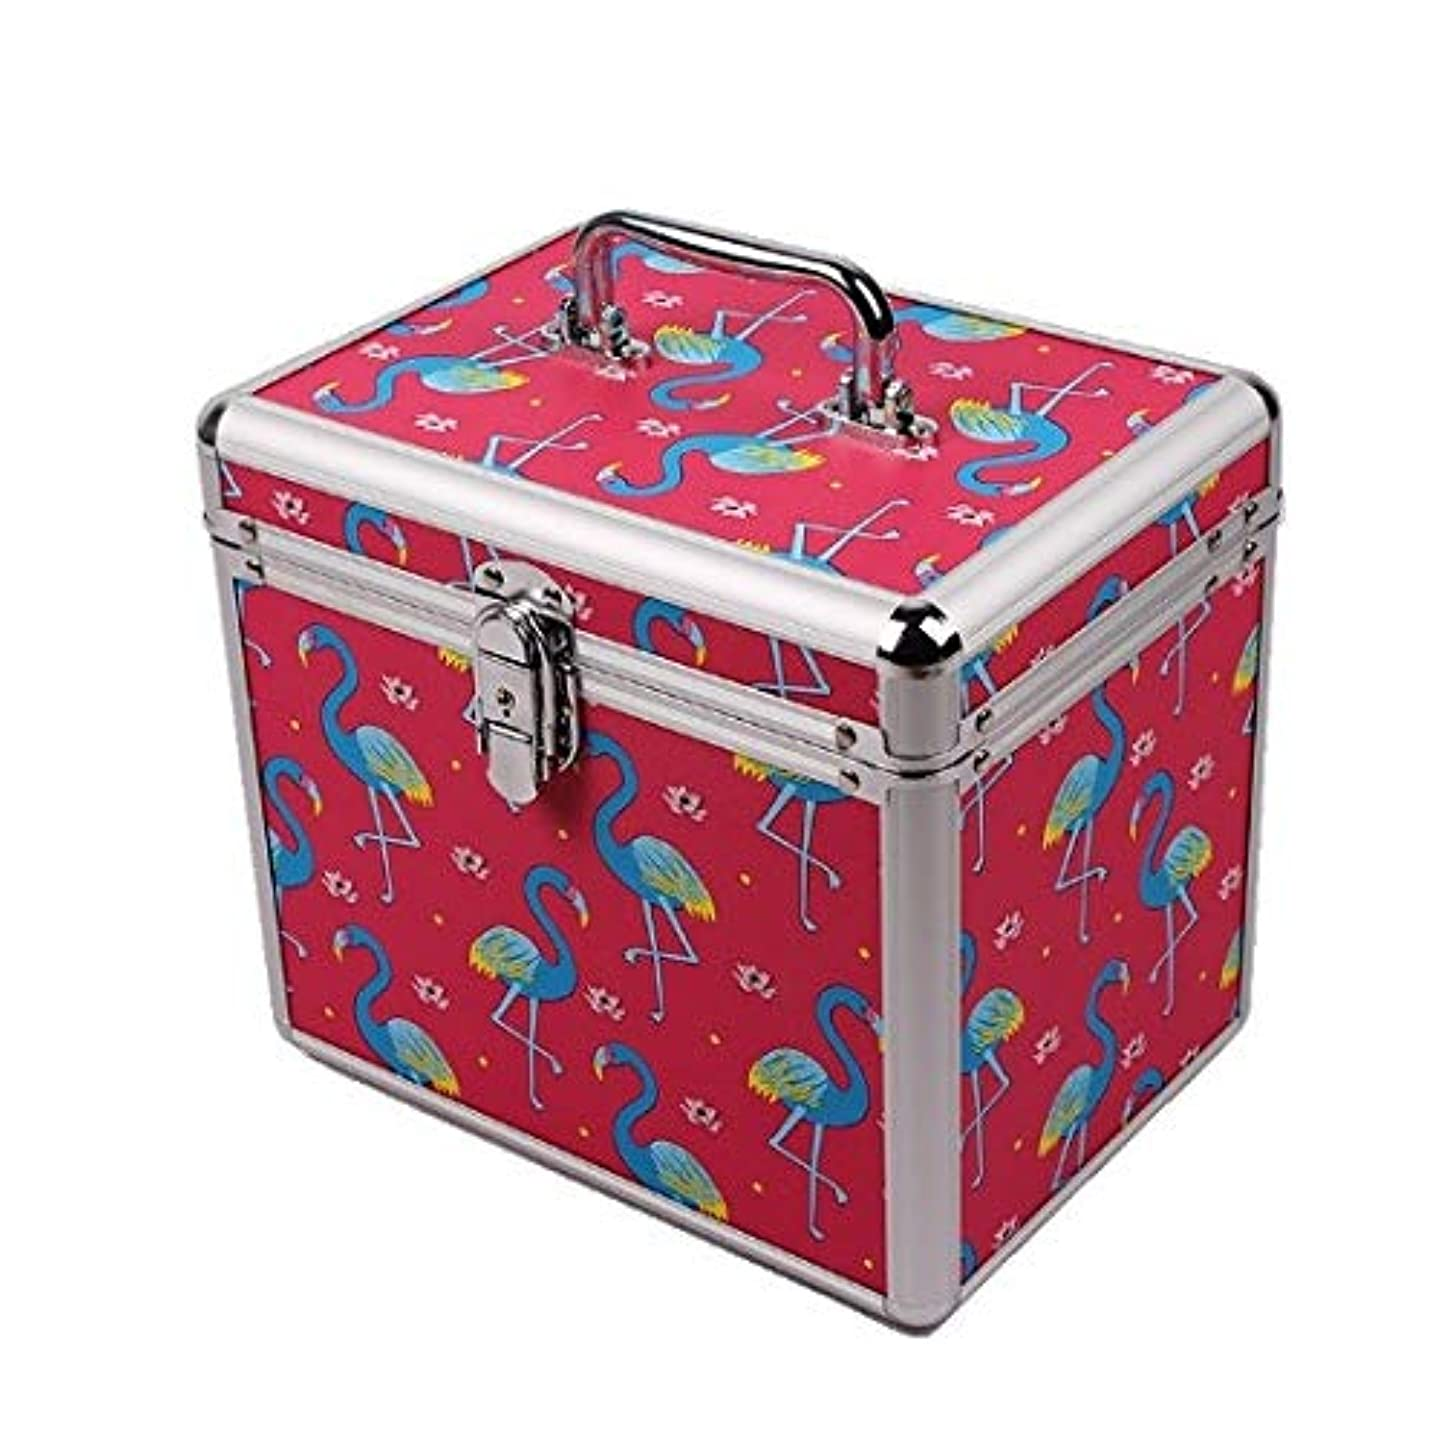 権限を与える小学生テメリティ化粧品ケース、ポータブル二重層ロックフットバス技術者ポータブルツールボックス、ポータブル旅行化粧品ケース、美容ネイルジュエリー収納ボックス (Design : 1#)